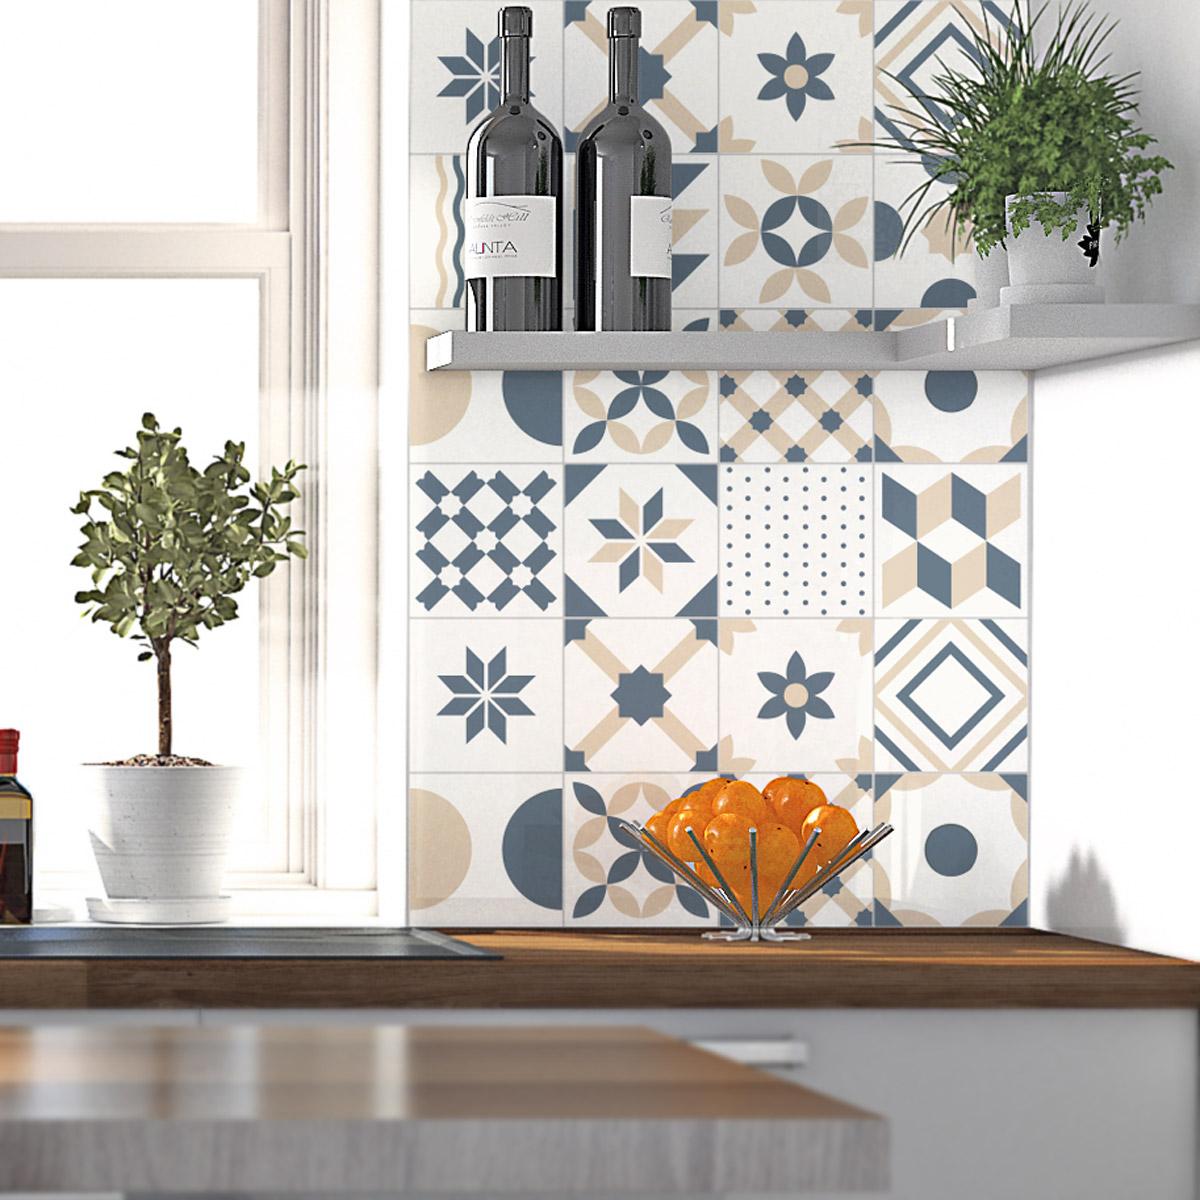 24 stickers carrelages azulejos ornements design art et. Black Bedroom Furniture Sets. Home Design Ideas